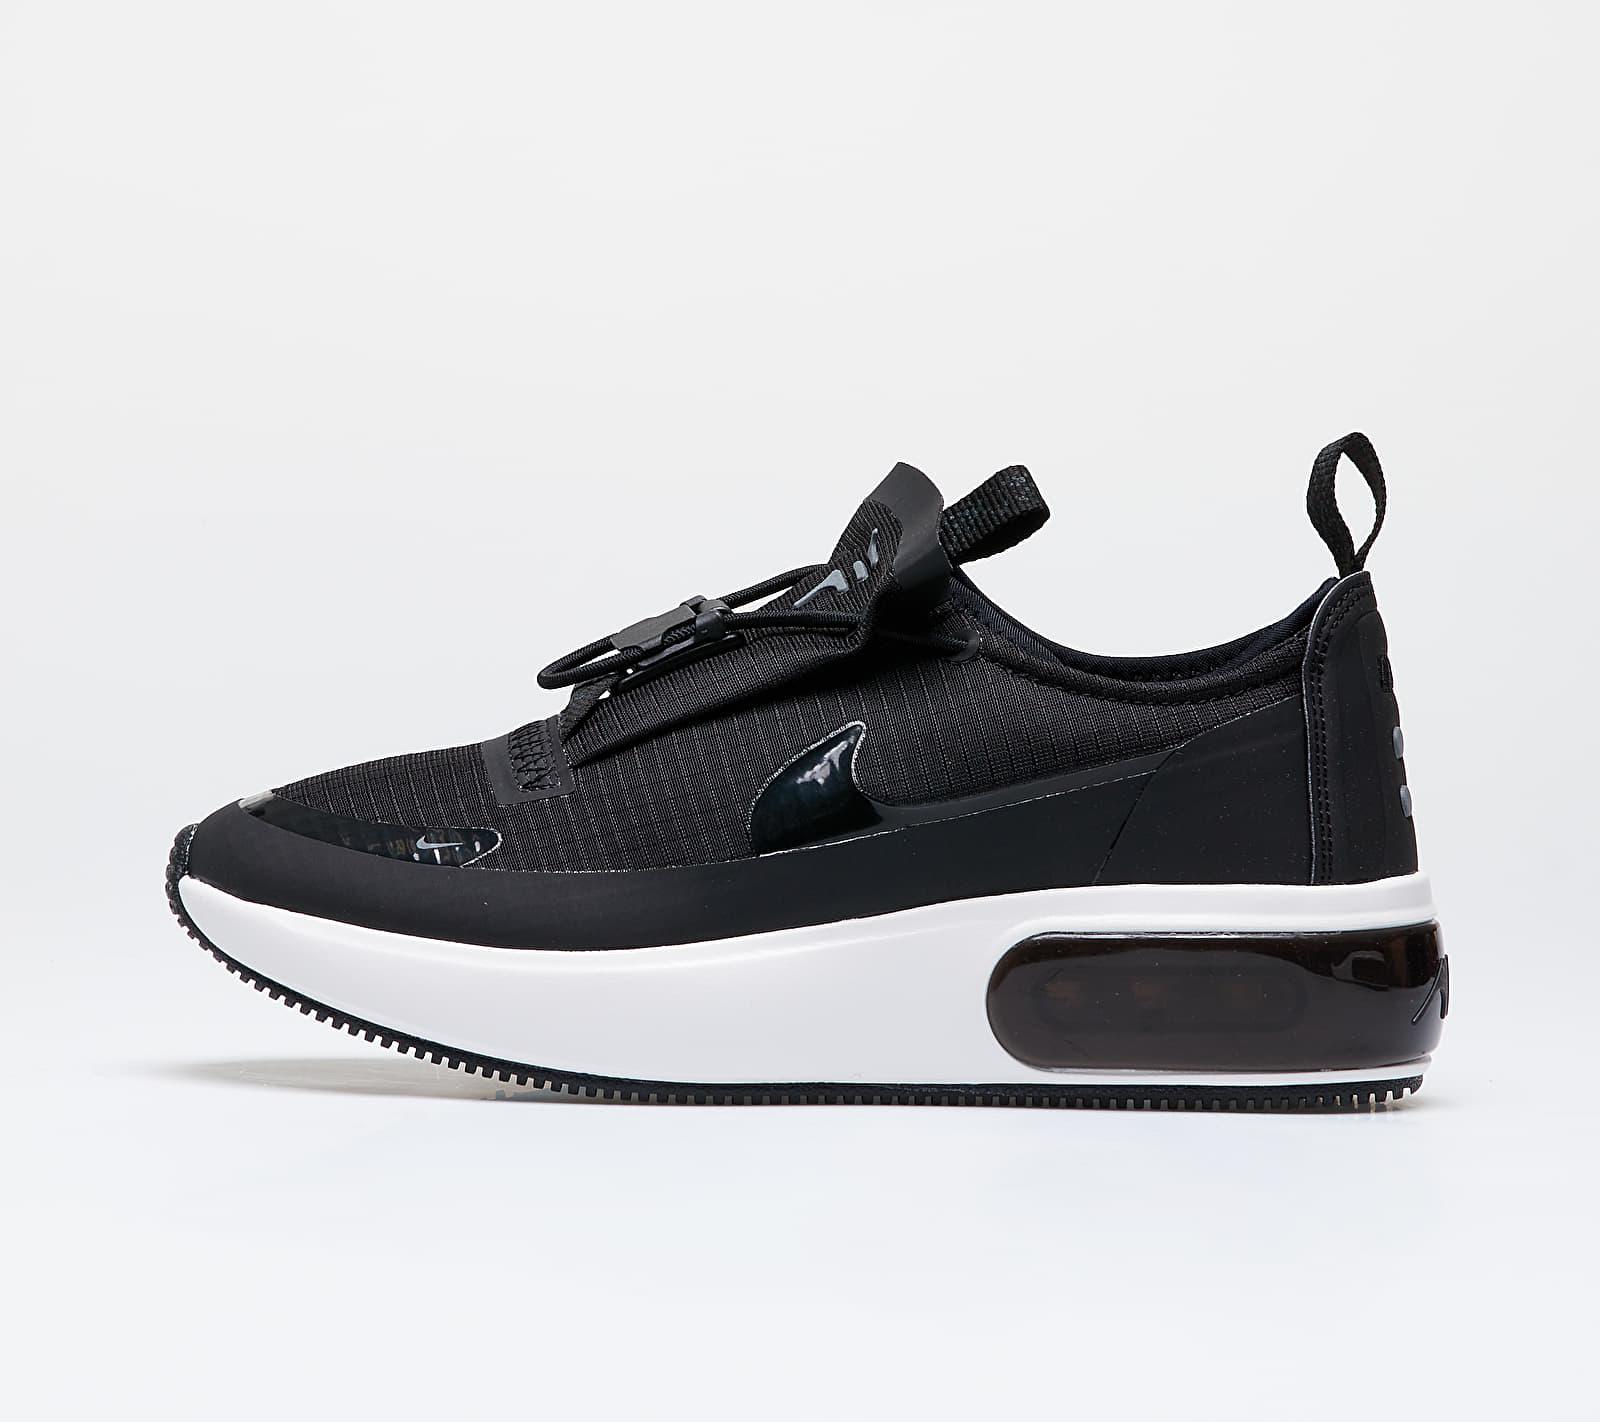 Nike W Air Max Dia Winter Black/ Black-Anthracite-Summit White EUR 36